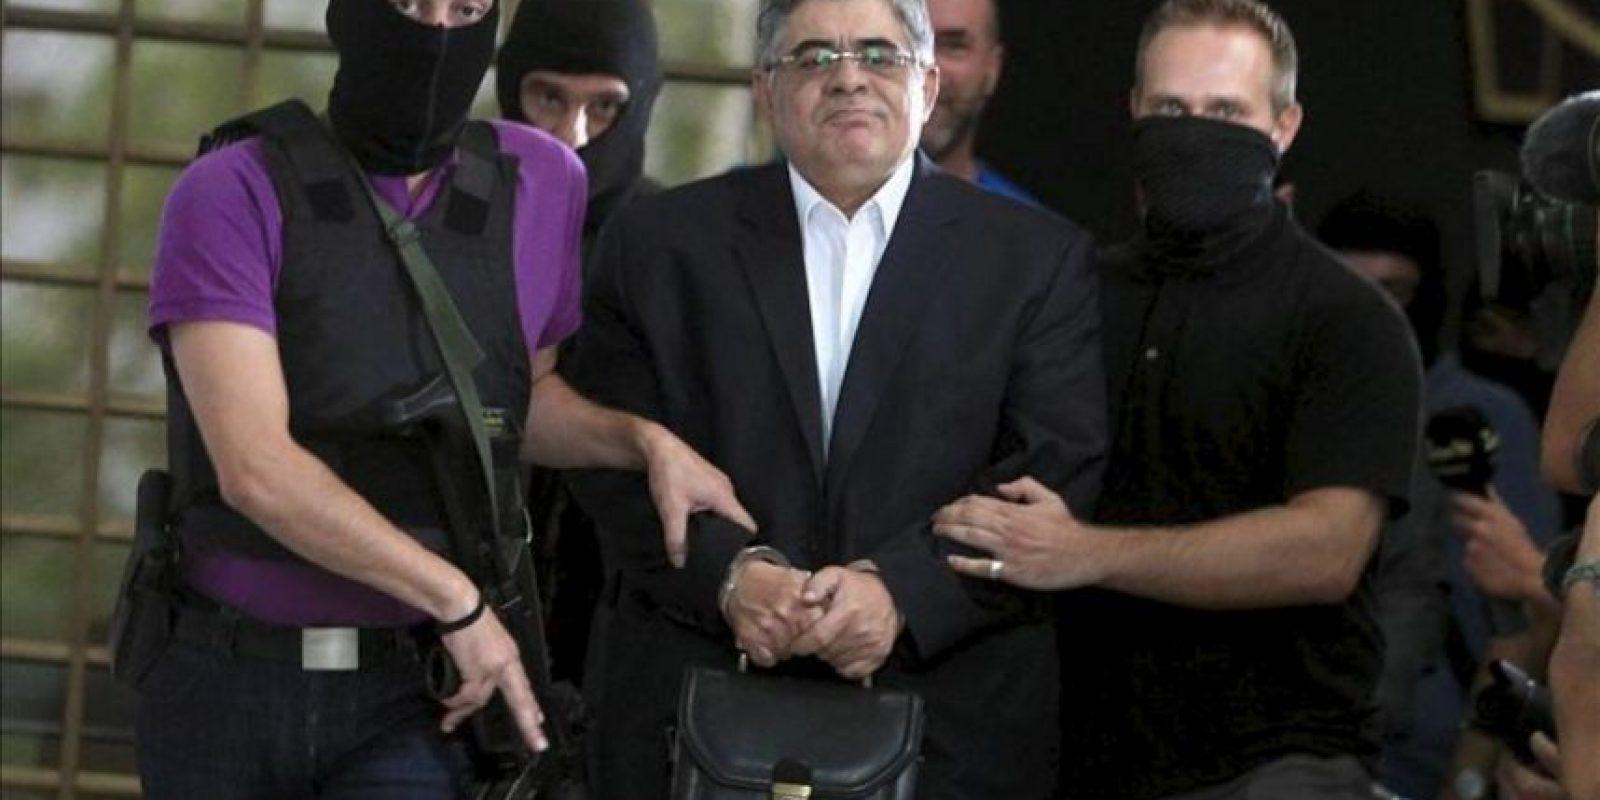 El lider del partido partido ultra-derechista griego Amanecer Dorado, Nikos Michaloliakos (c), es escoltado por policías fuera de la Jefatura de Policía de Atenas, en Atenas. EFE